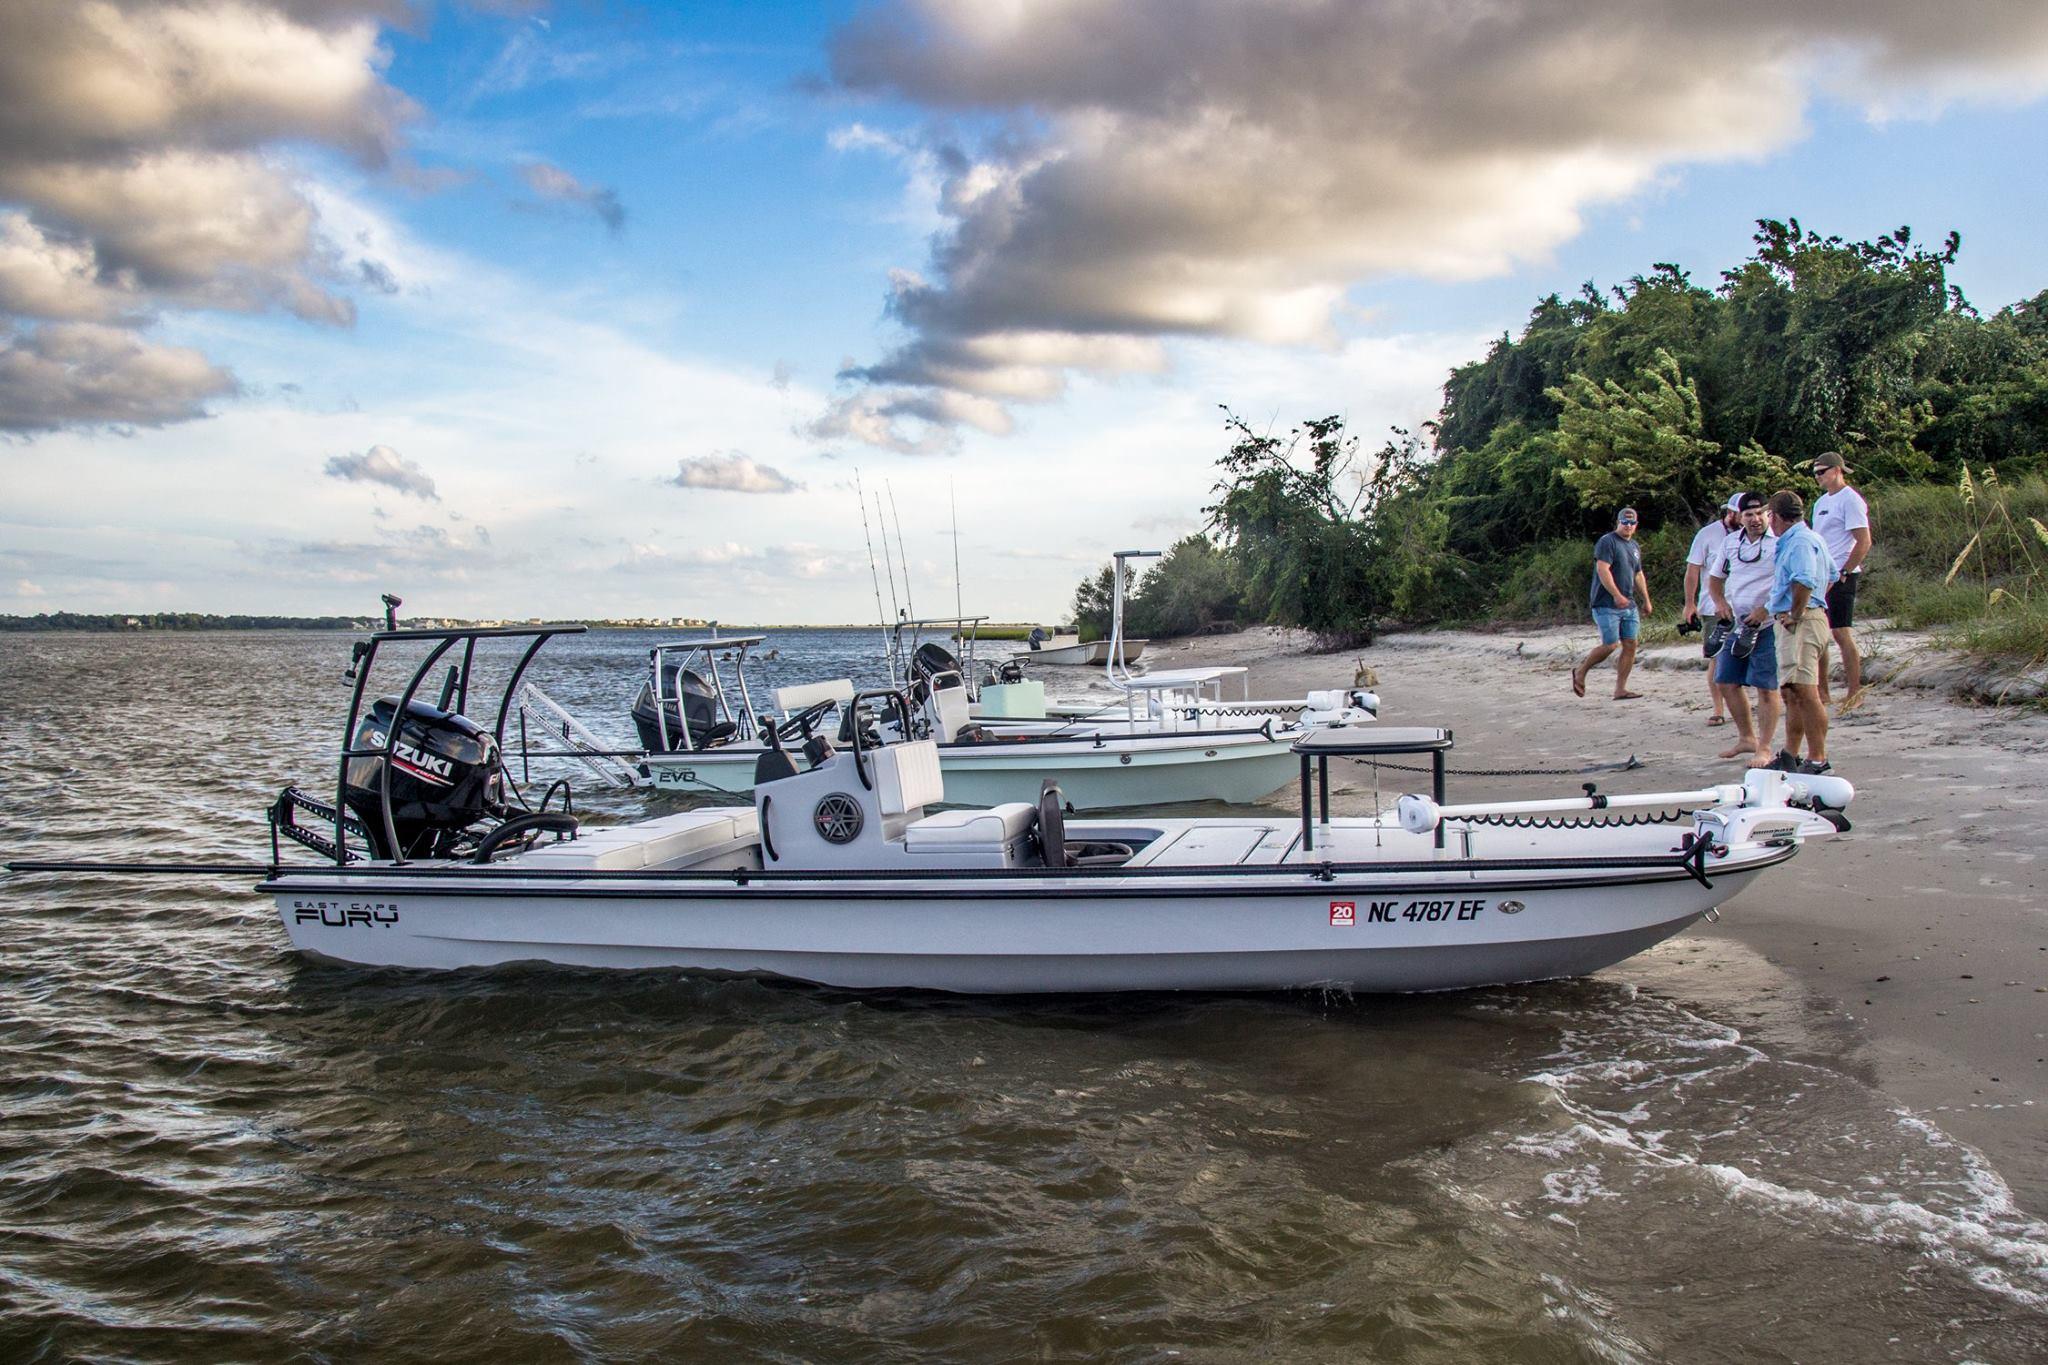 skiff life | Skiff Life - Fishing & Boating Articles